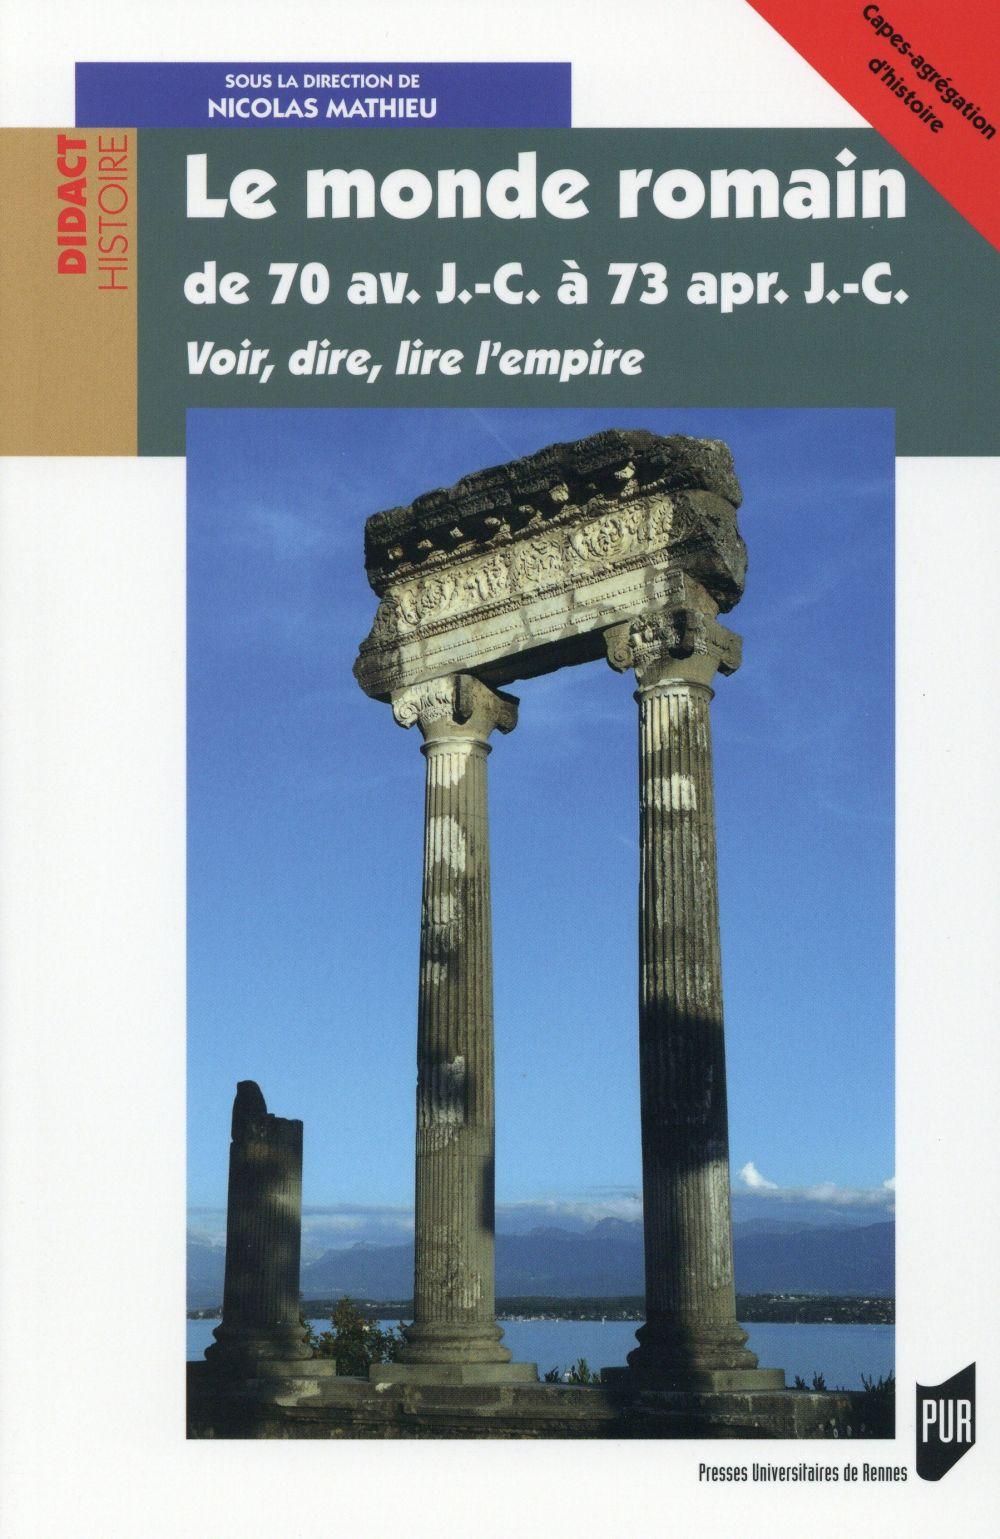 Le monde romain de 70 av. J.-C. à 73 apr. J.-C. ; voir, dire, lire l'empire